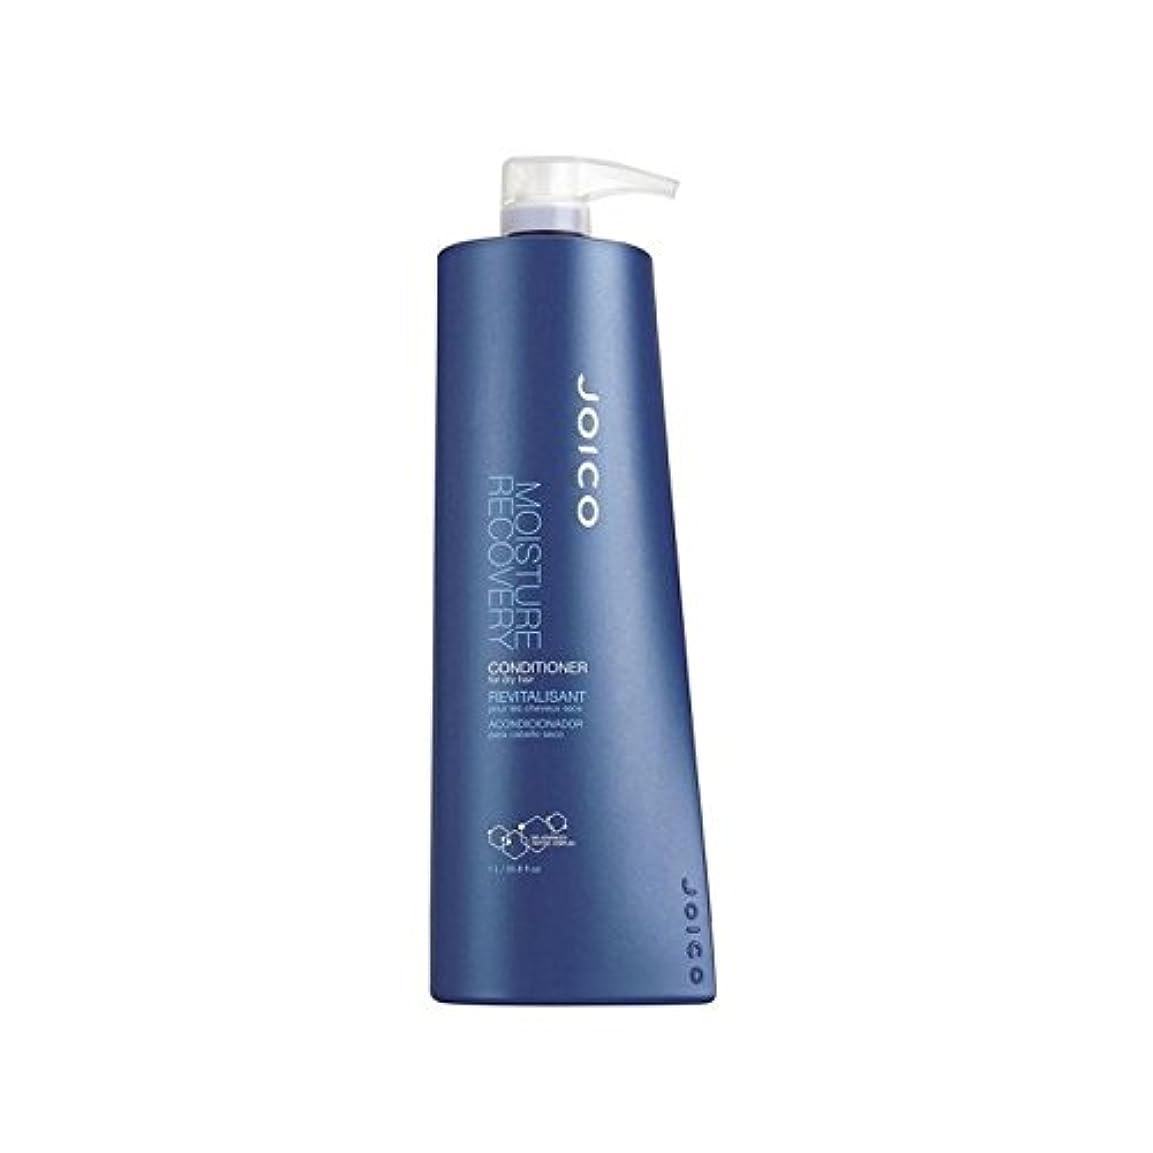 反発する衣装真夜中乾いた髪用ジョイコ水分回復コンディショナー(千ミリリットル) x2 - Joico Moisture Recovery Conditioner For Dry Hair (1000ml) (Pack of 2) [並行輸入品]